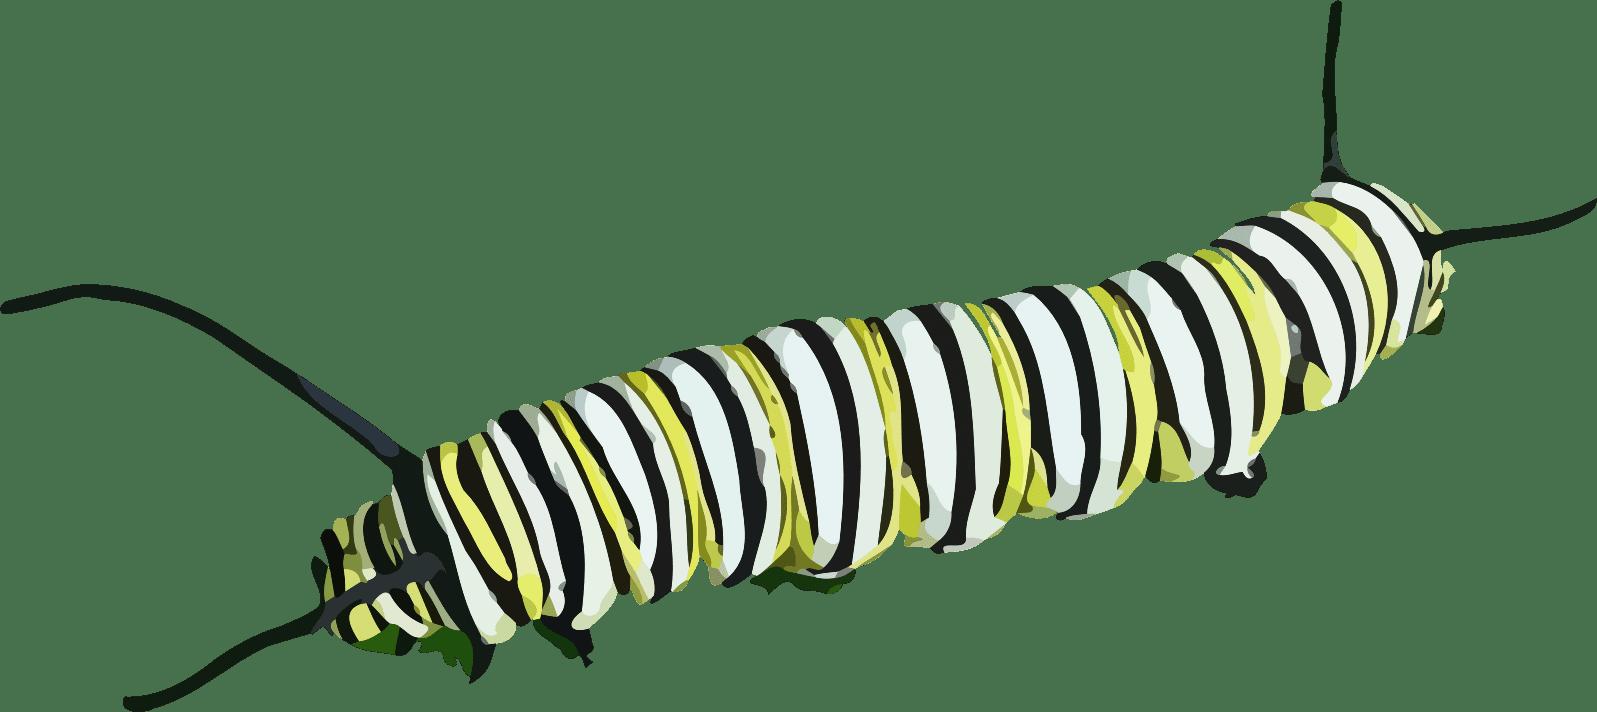 Caterpillar Clipart transparent PNG.